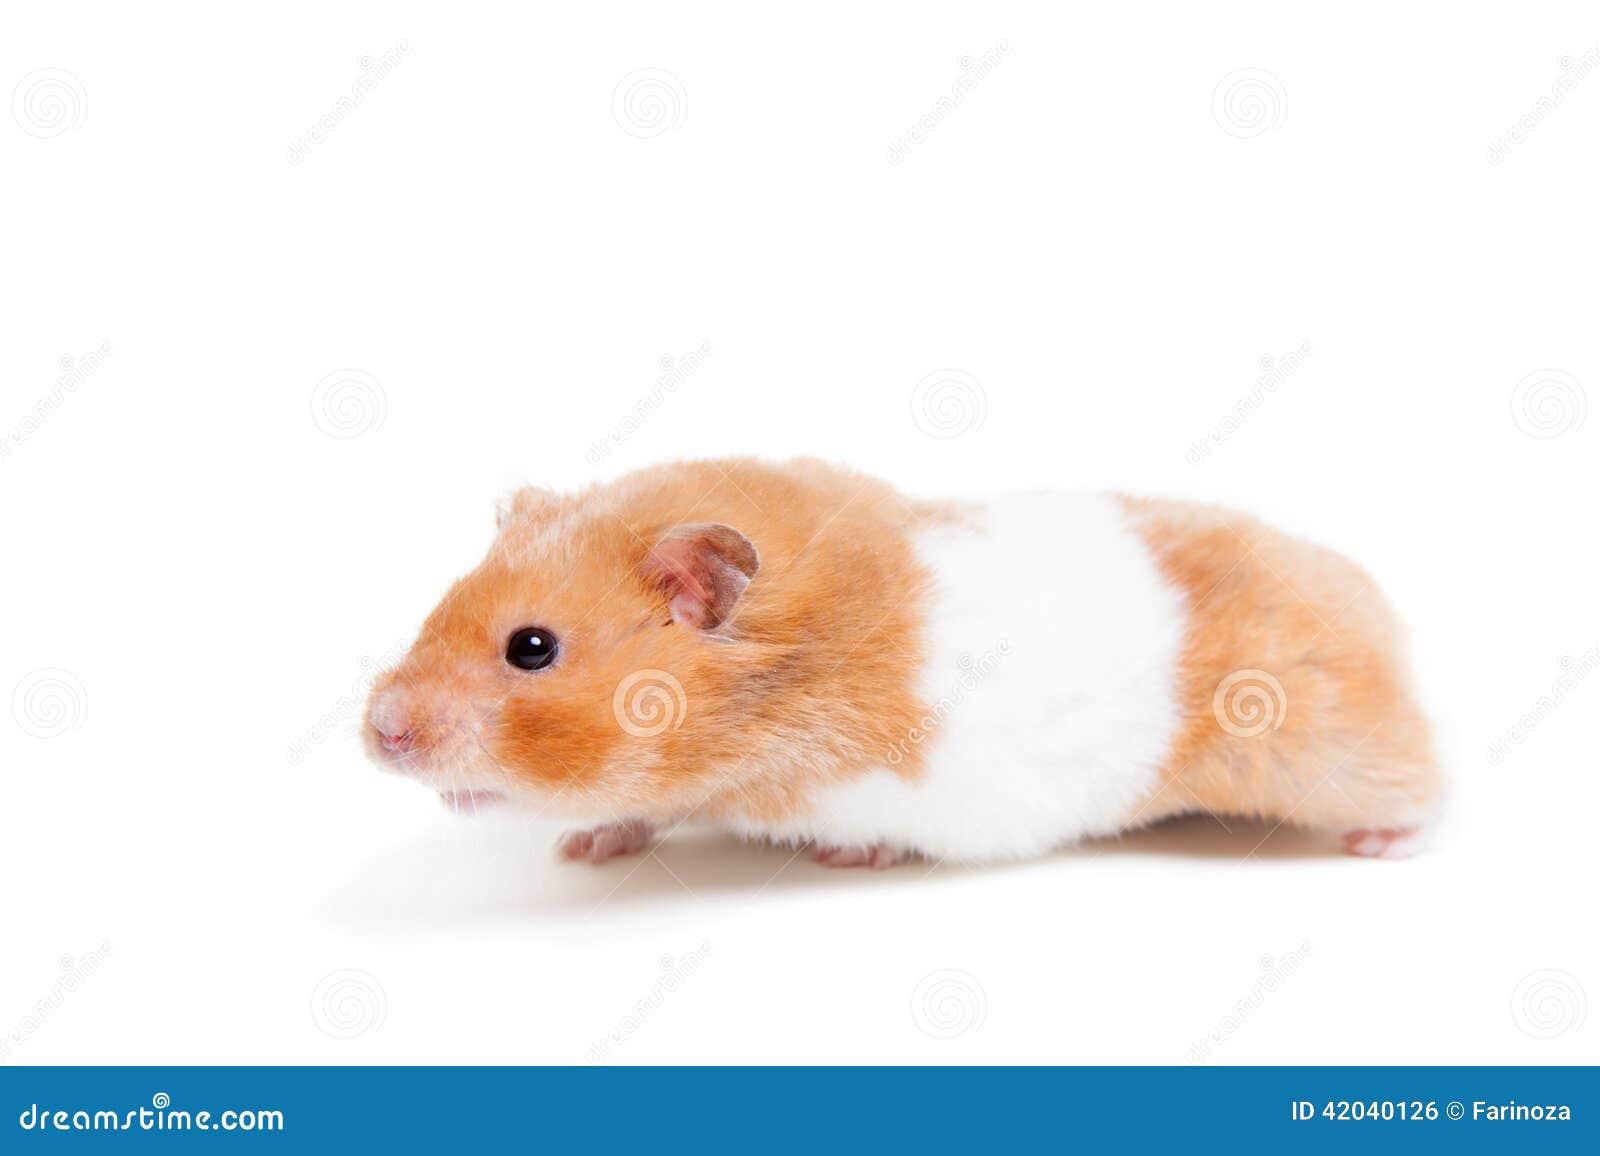 Golden hamster white - photo#1